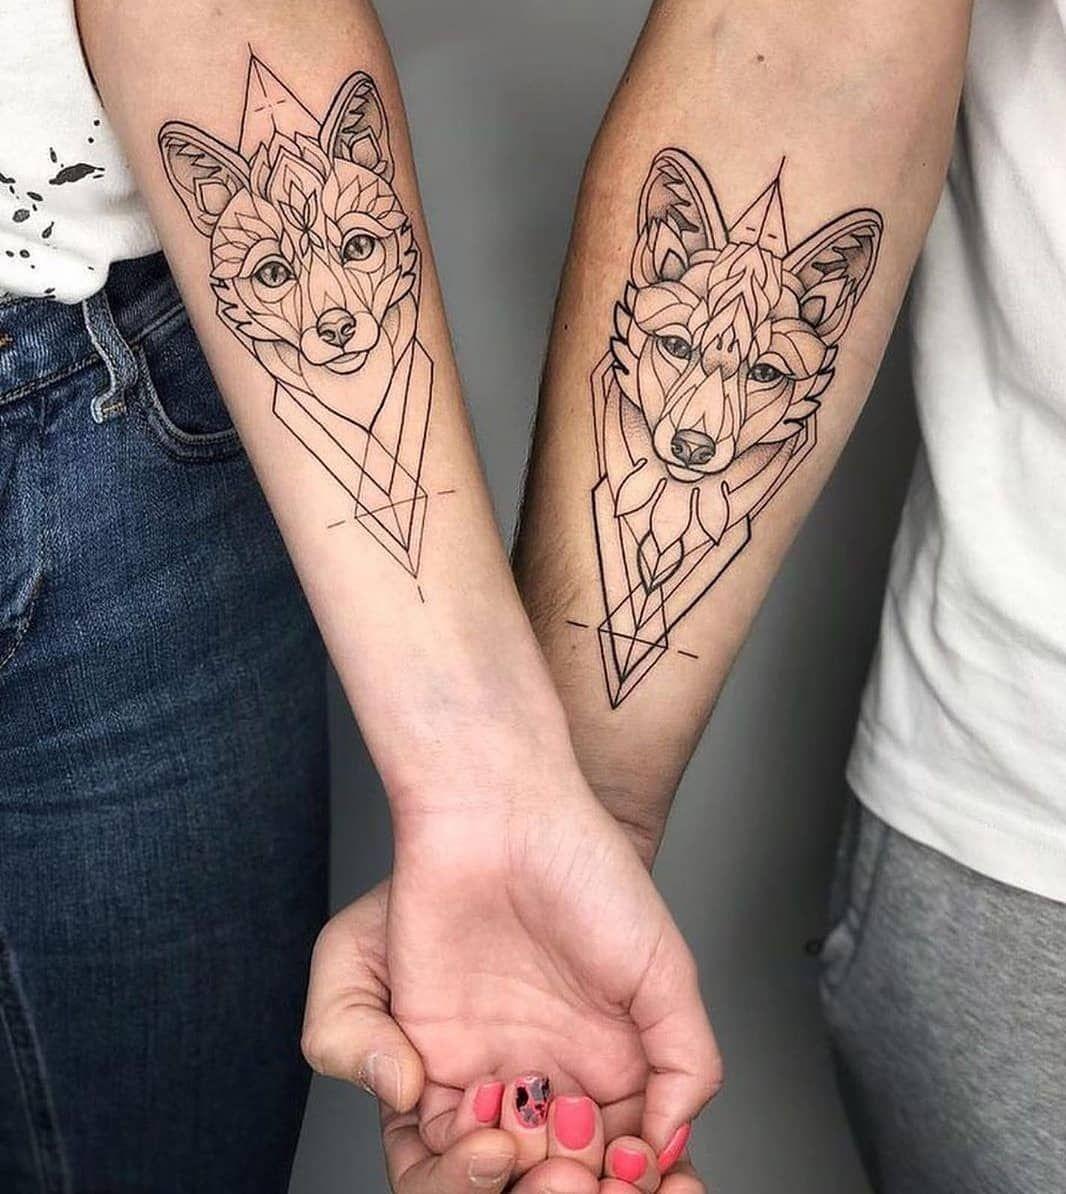 Marque o crush que você faria essa tattoo Mark the crush you would make this tattoo 🥰 @? Usem a #instattoo2 // @instattoo2 . . . .…